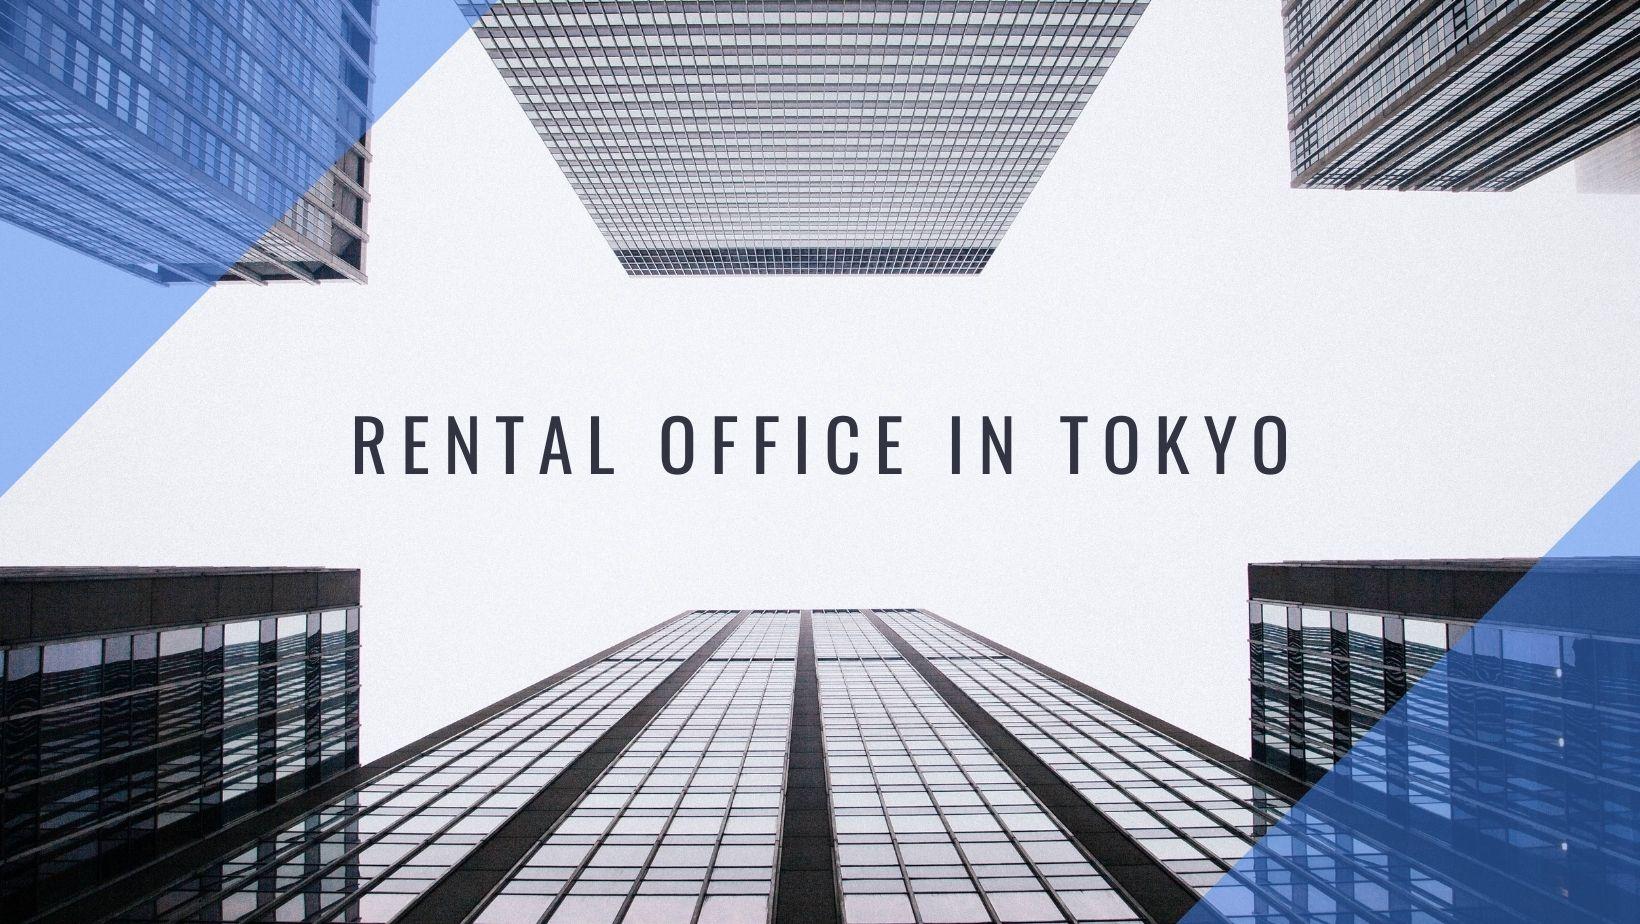 【レンタルオフィス】東京の格安料金&登記可能なオフィス15選!